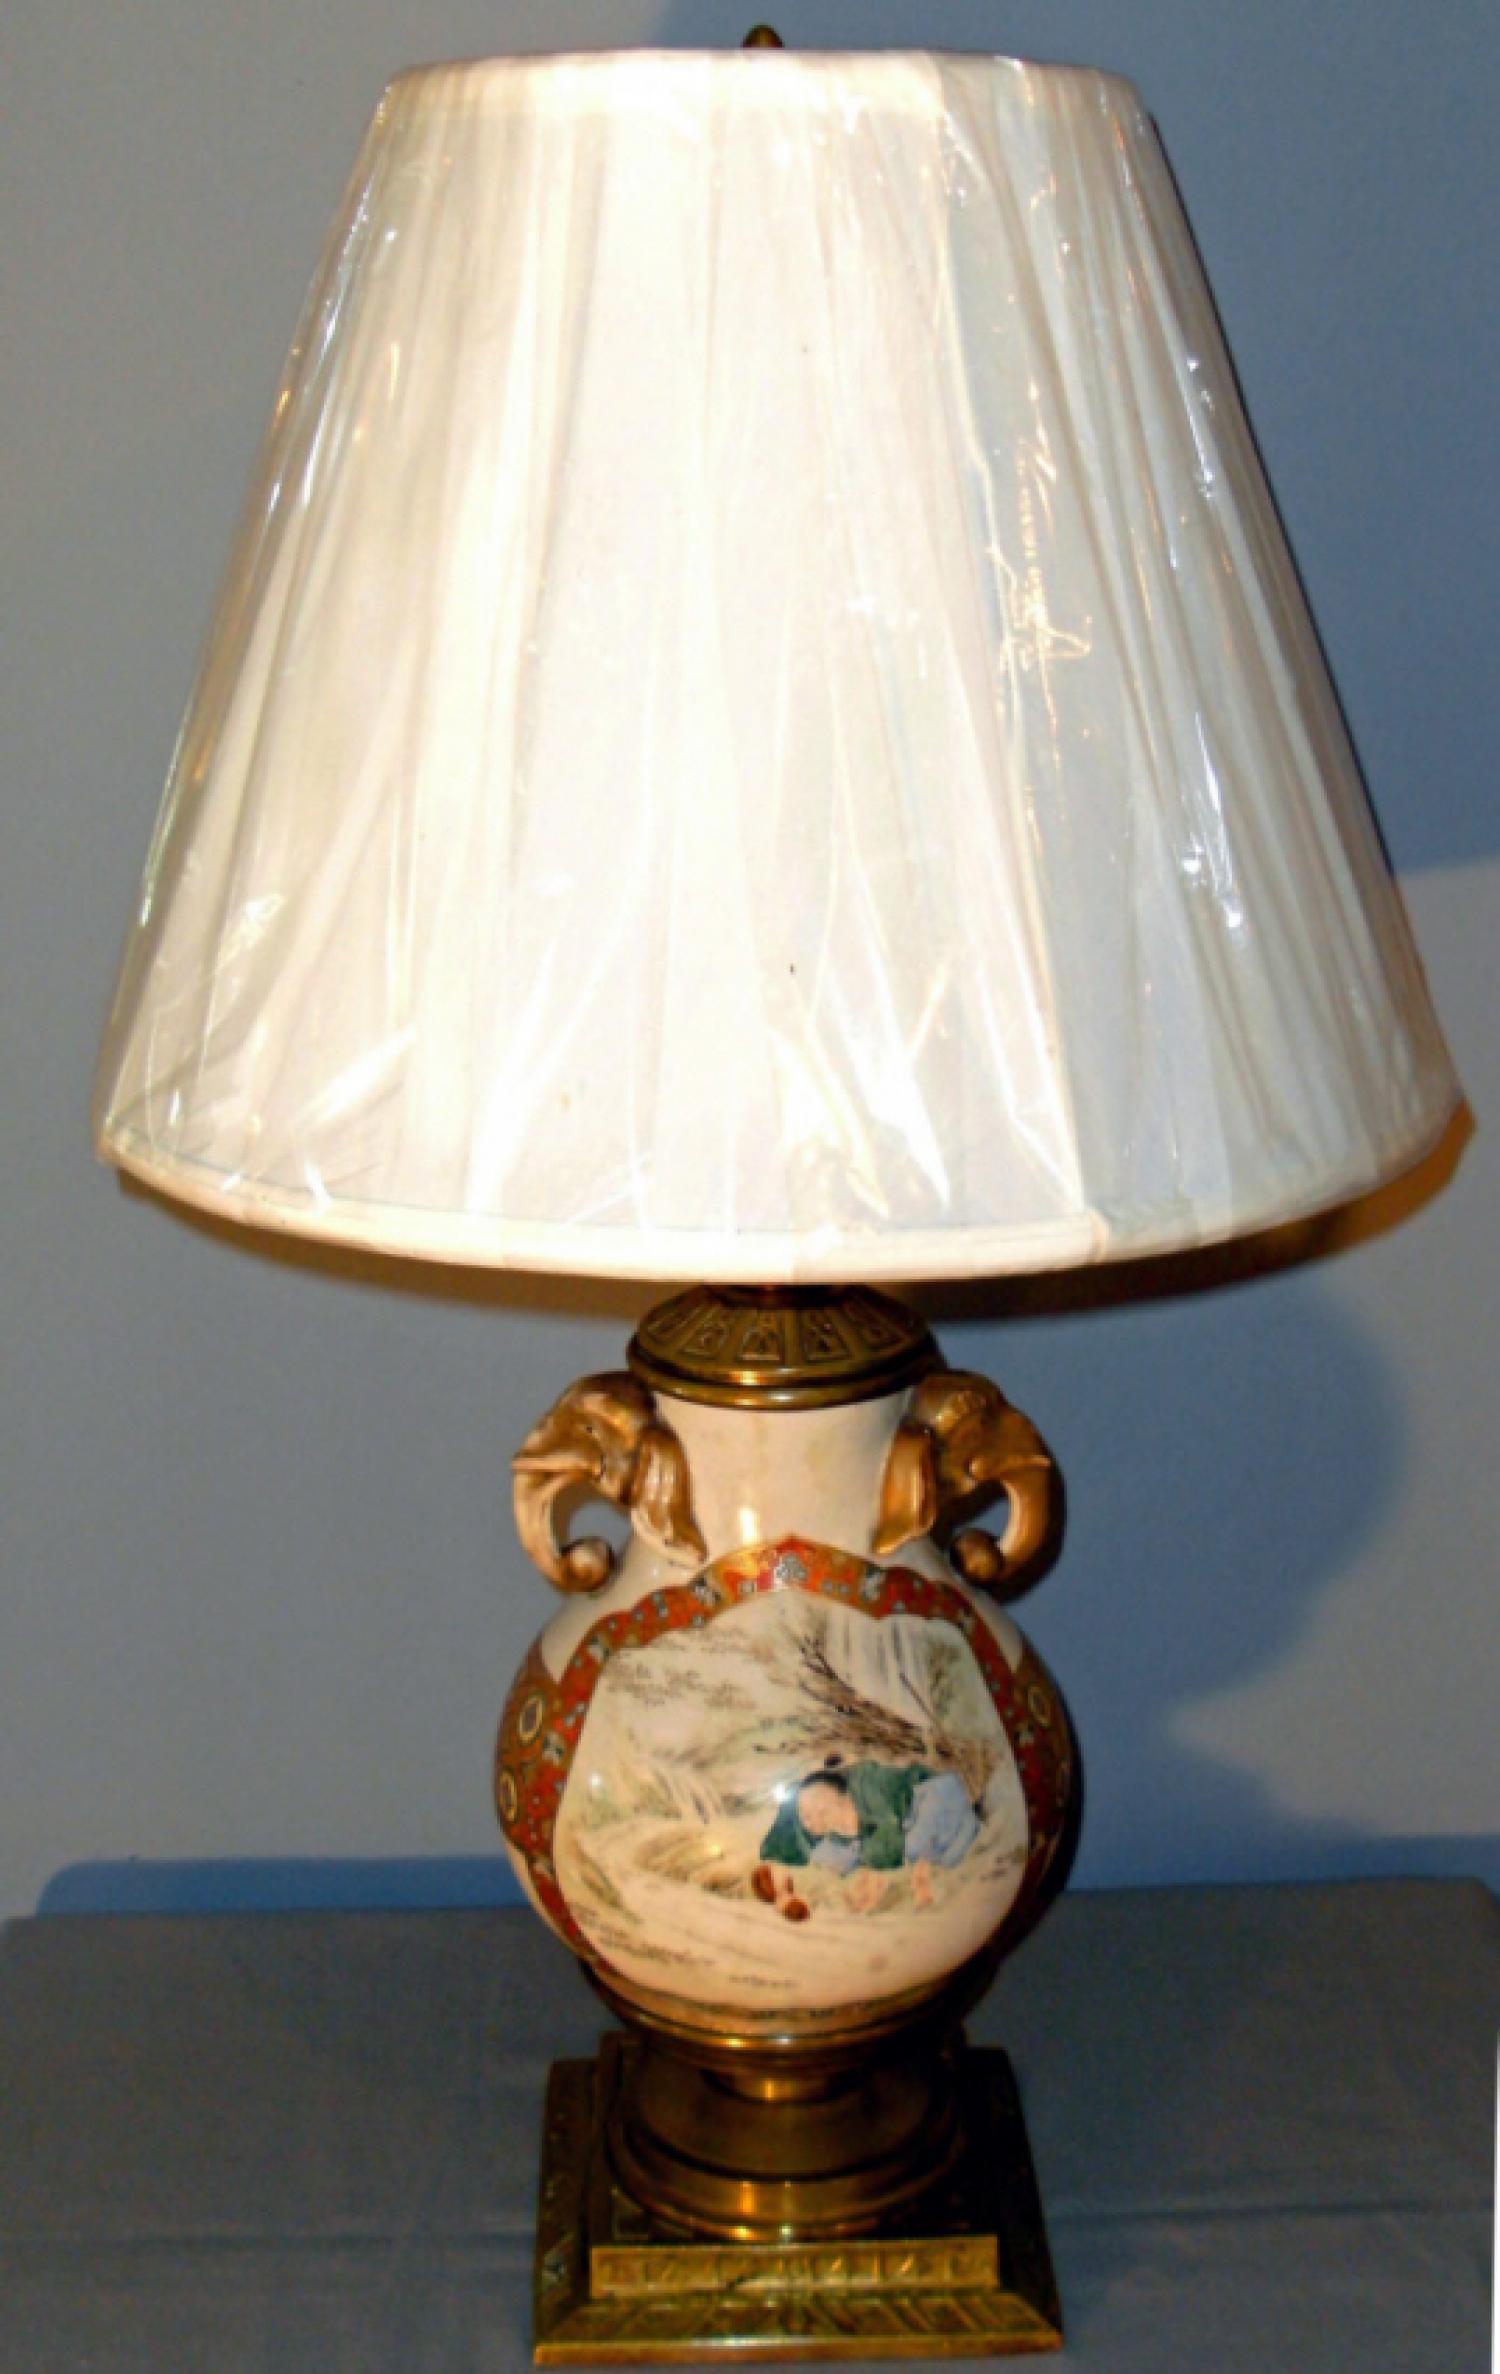 Meiji Period Japanese Satsuma bulbous vase lamped